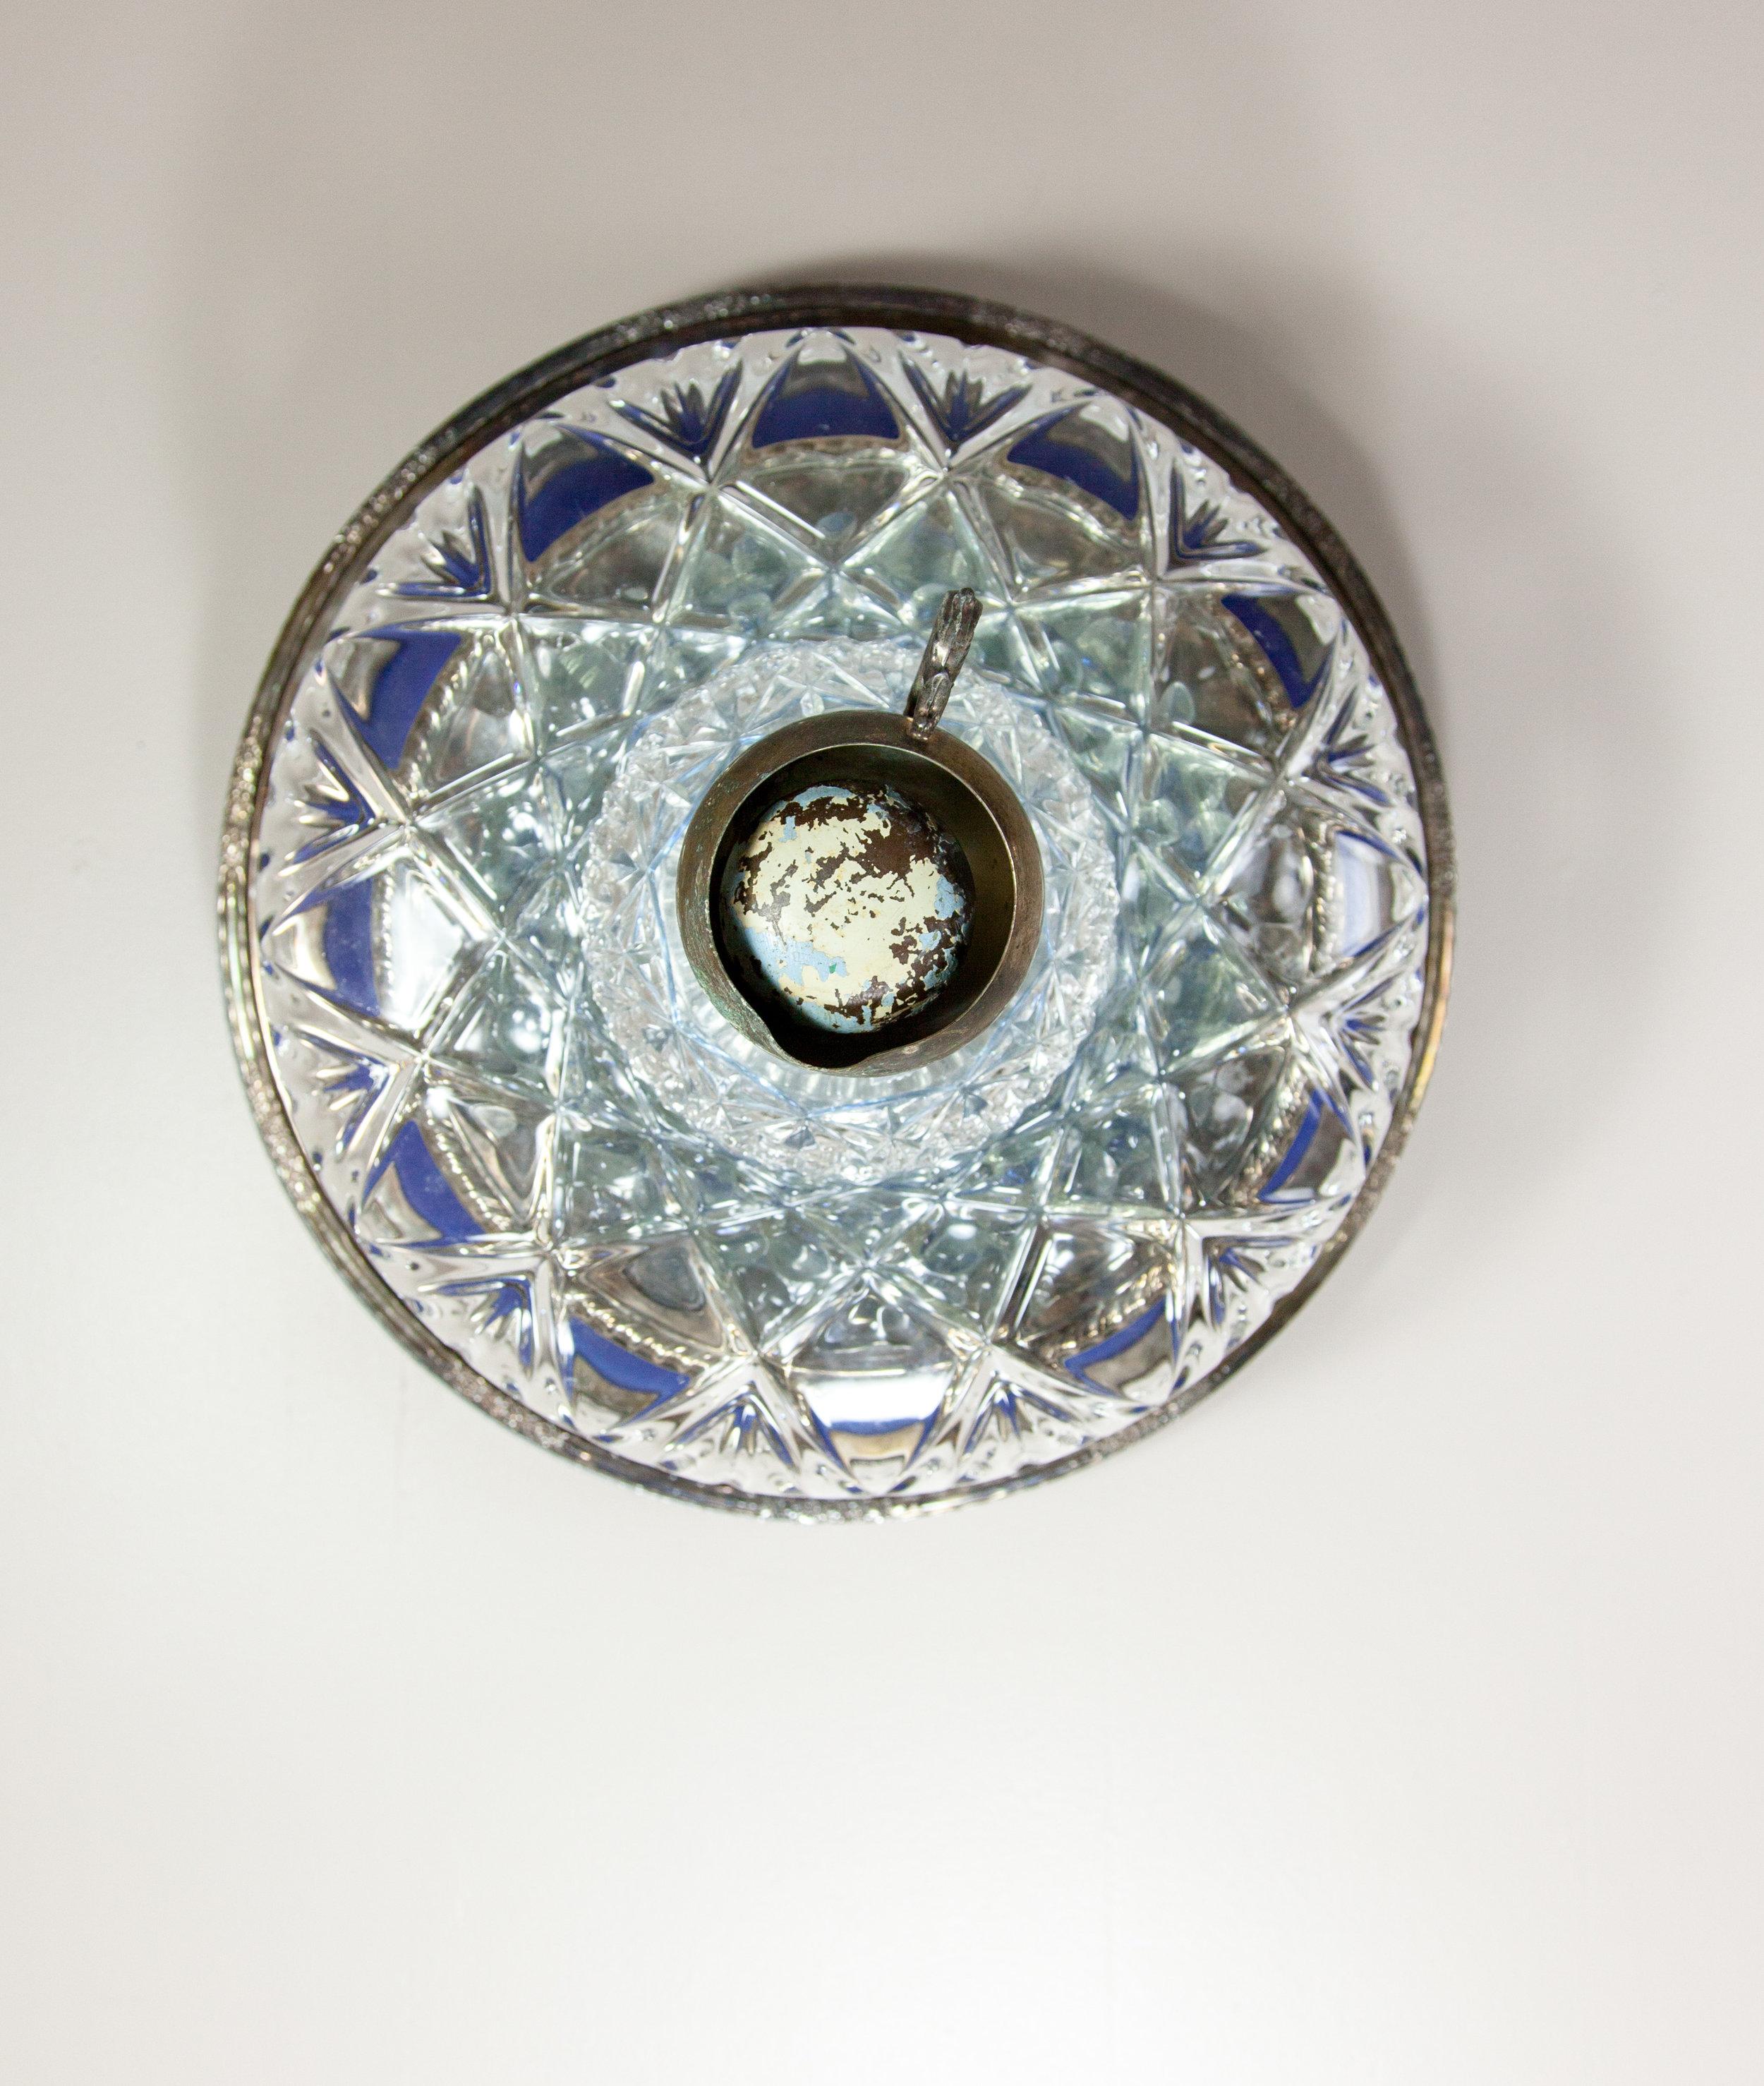 Occhi, 2017 domestic objects, doorknob, steel, 14 x 14 x 11 inches